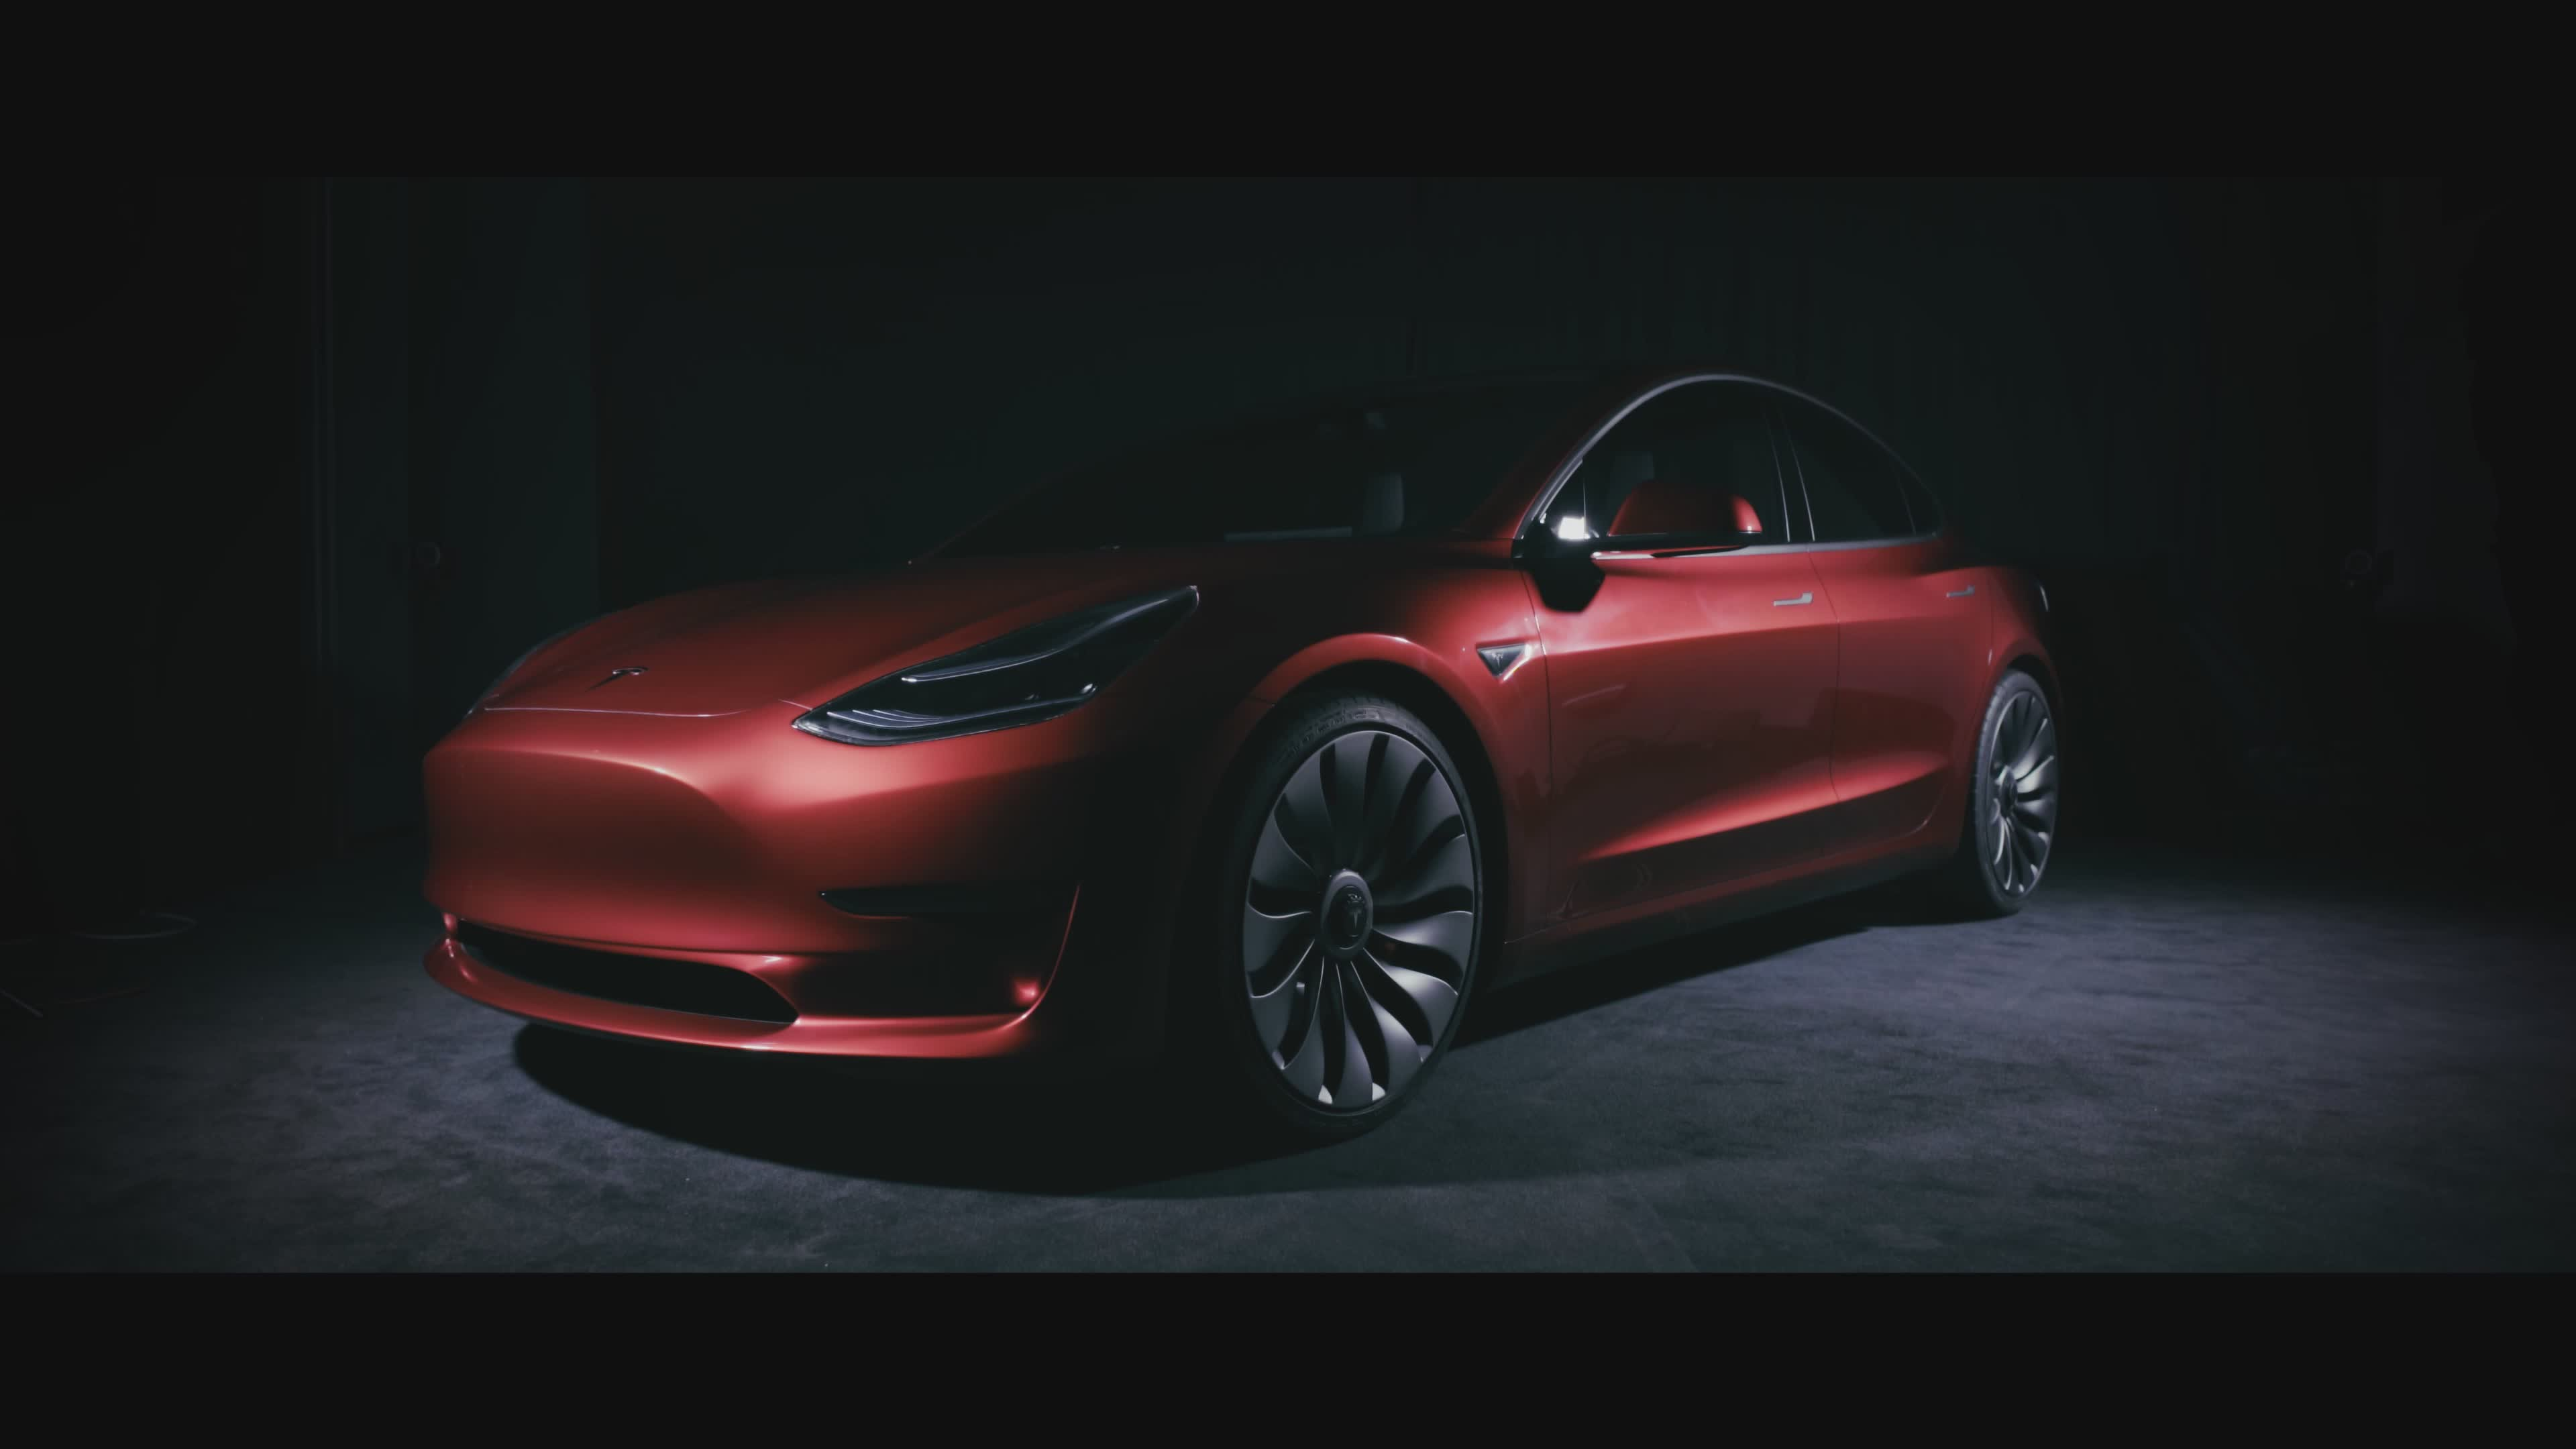 VIDEO: NAJJEFTINIJI MODEL TVRTKE Tesla predstavio Model 3, dugoočekivani električni automobil